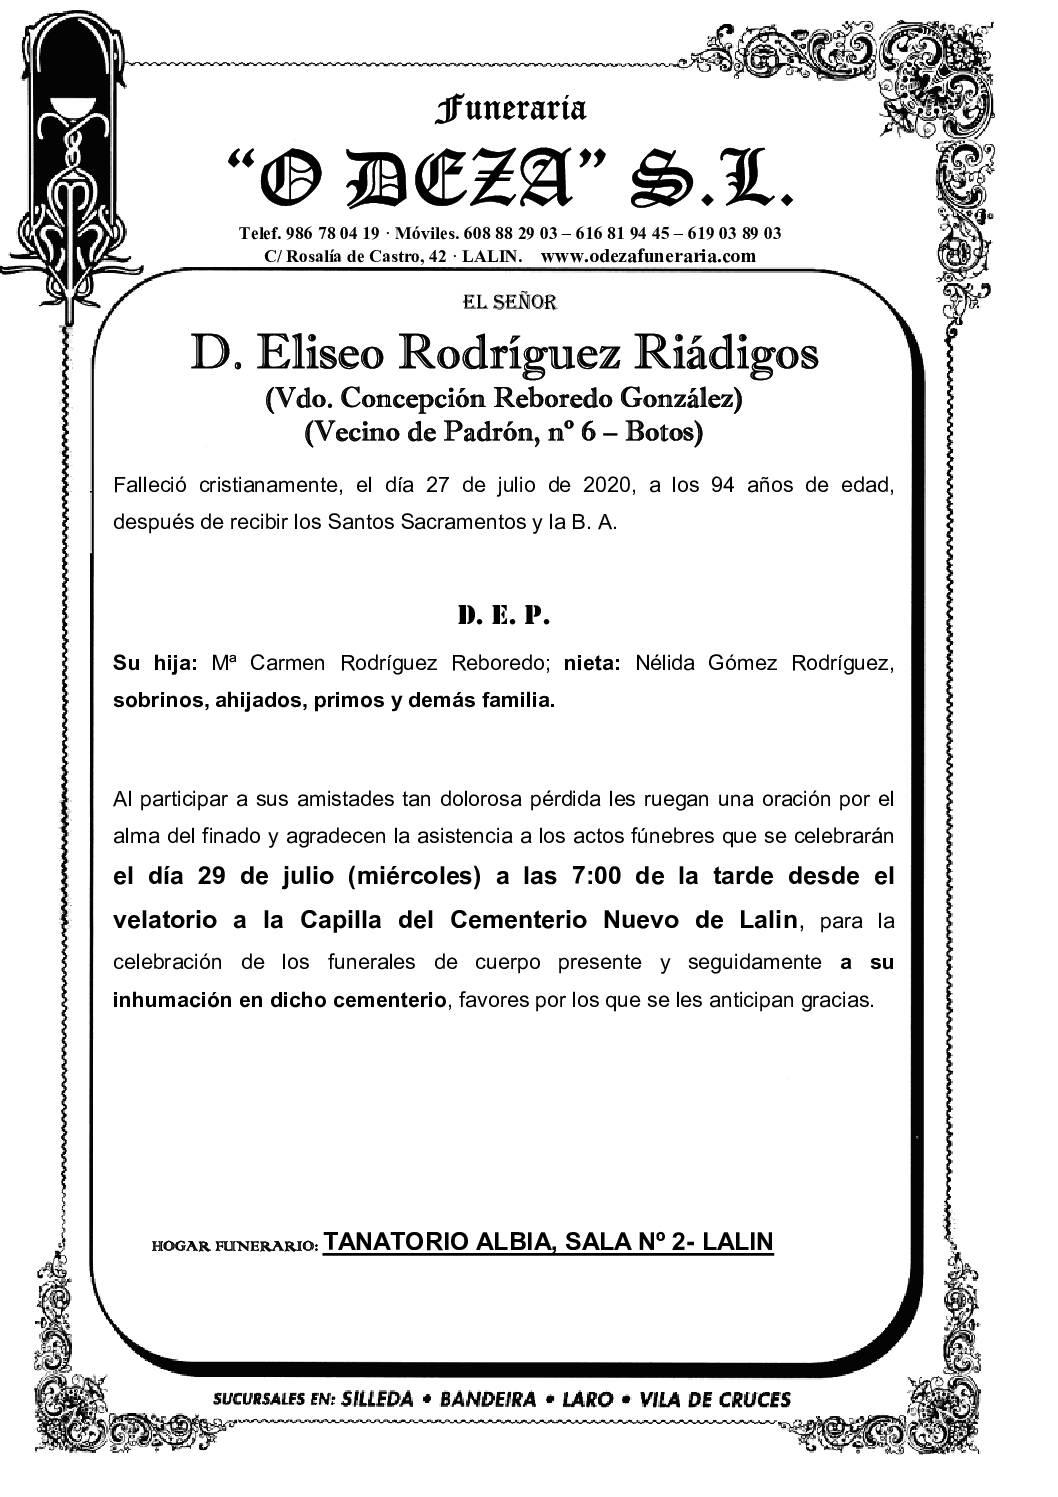 D. ELISEO RODRÍGUEZ RIÁDIGOS